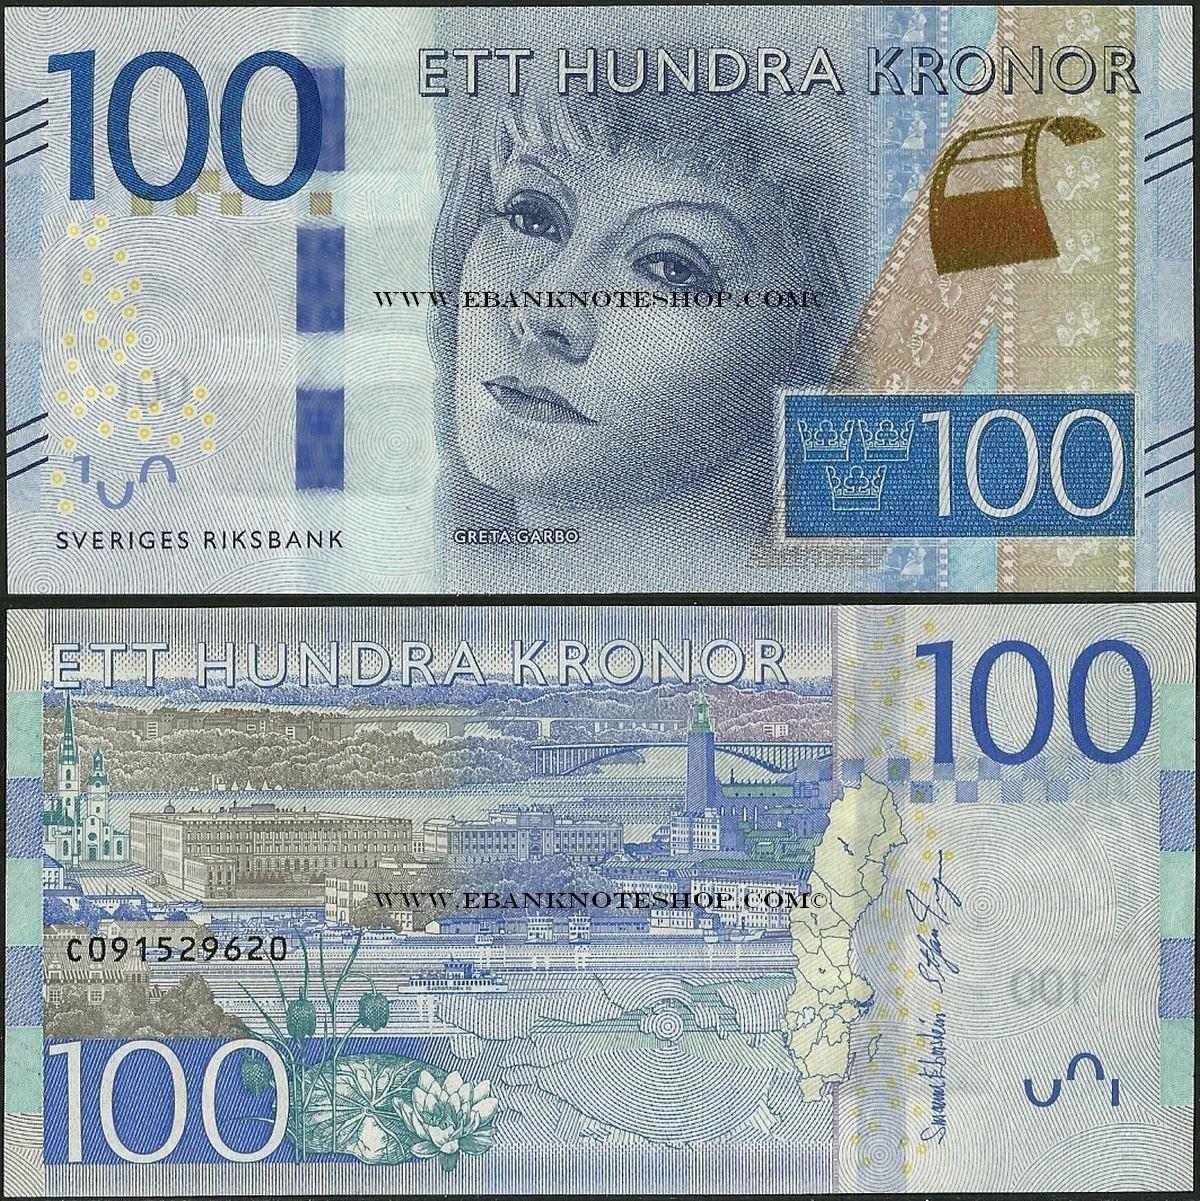 100 sek in euro